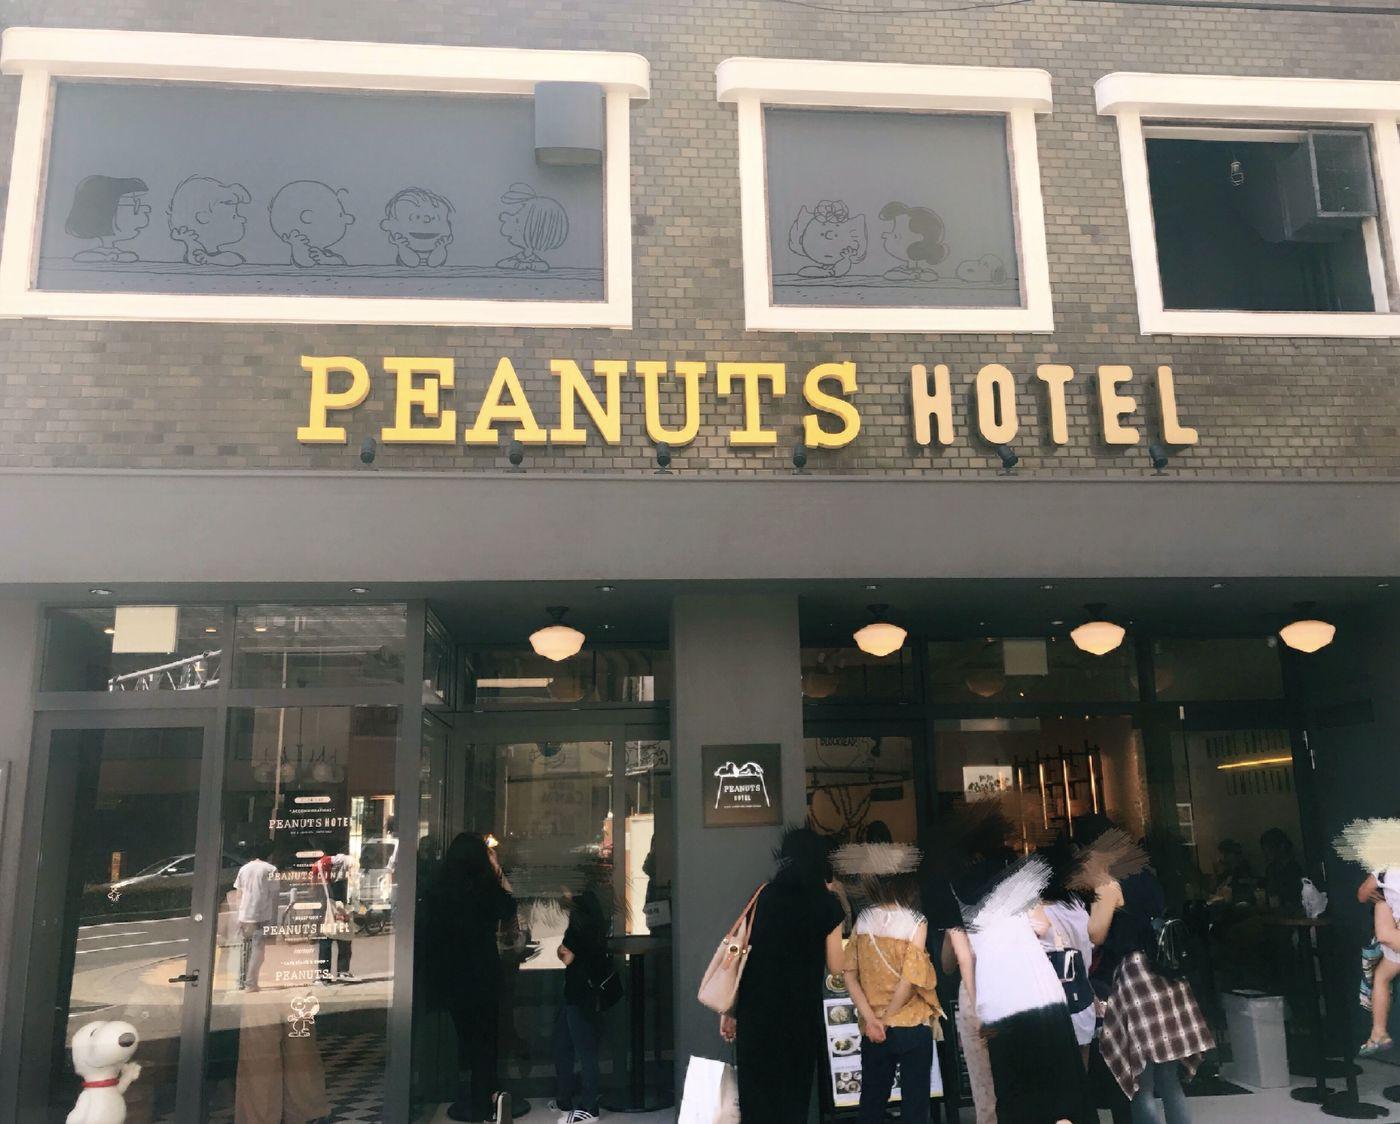 【PEANUTS HOTEL神戸】泊まらなくても楽しめ、スヌーピーに癒される♪の画像